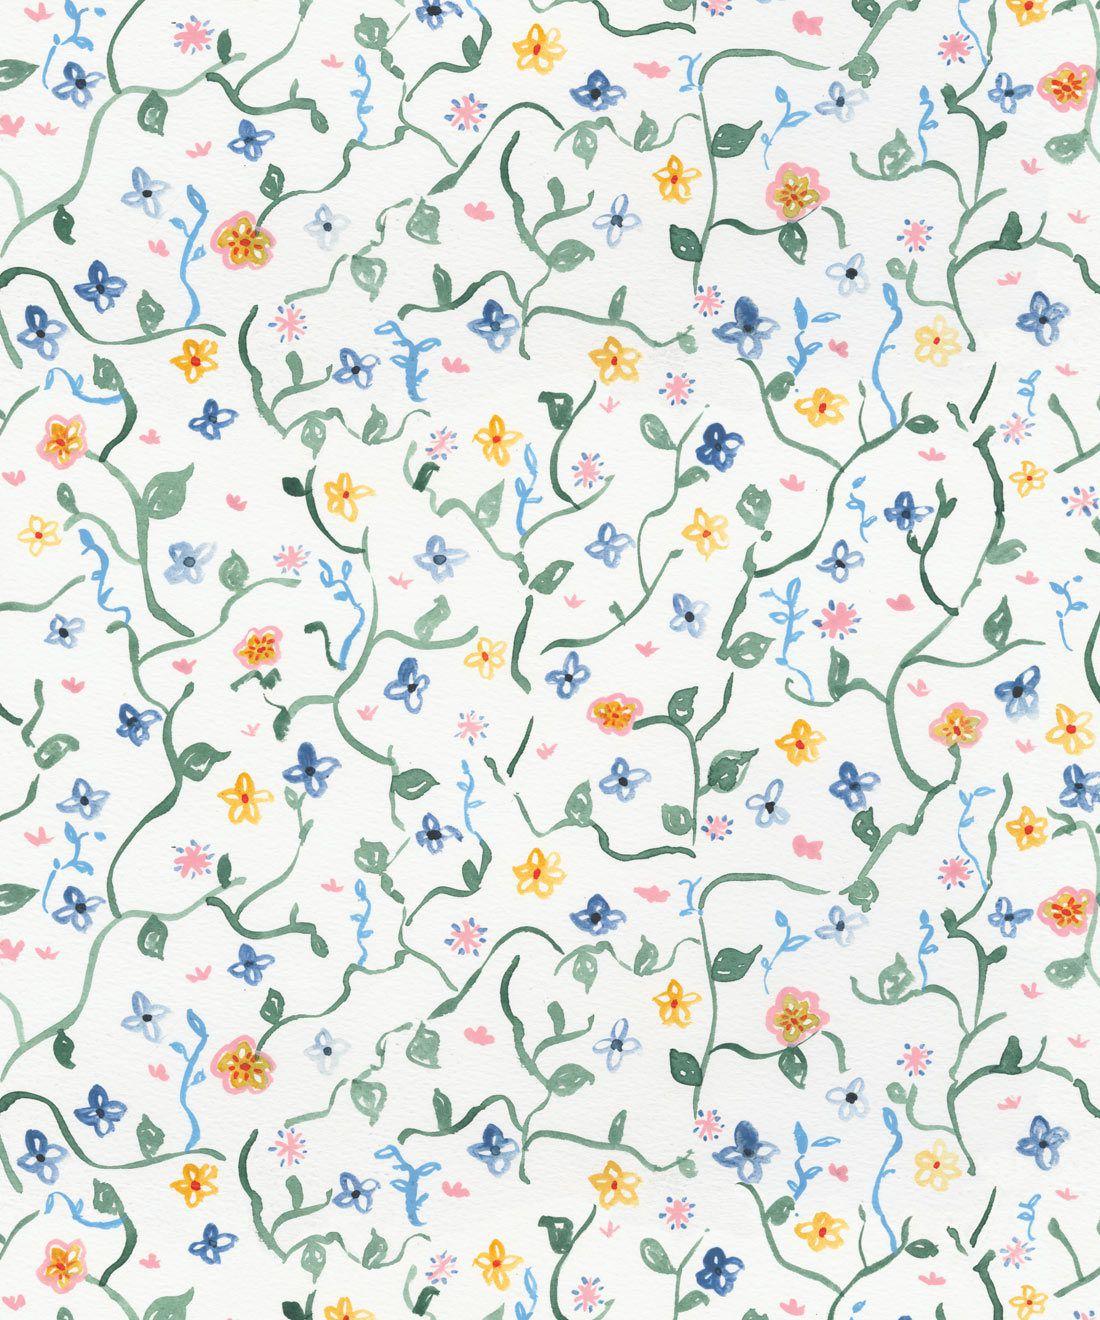 Wild Garden • Dainty Floral Wallpaper • Milton & King Europe •Georgia MacMillan